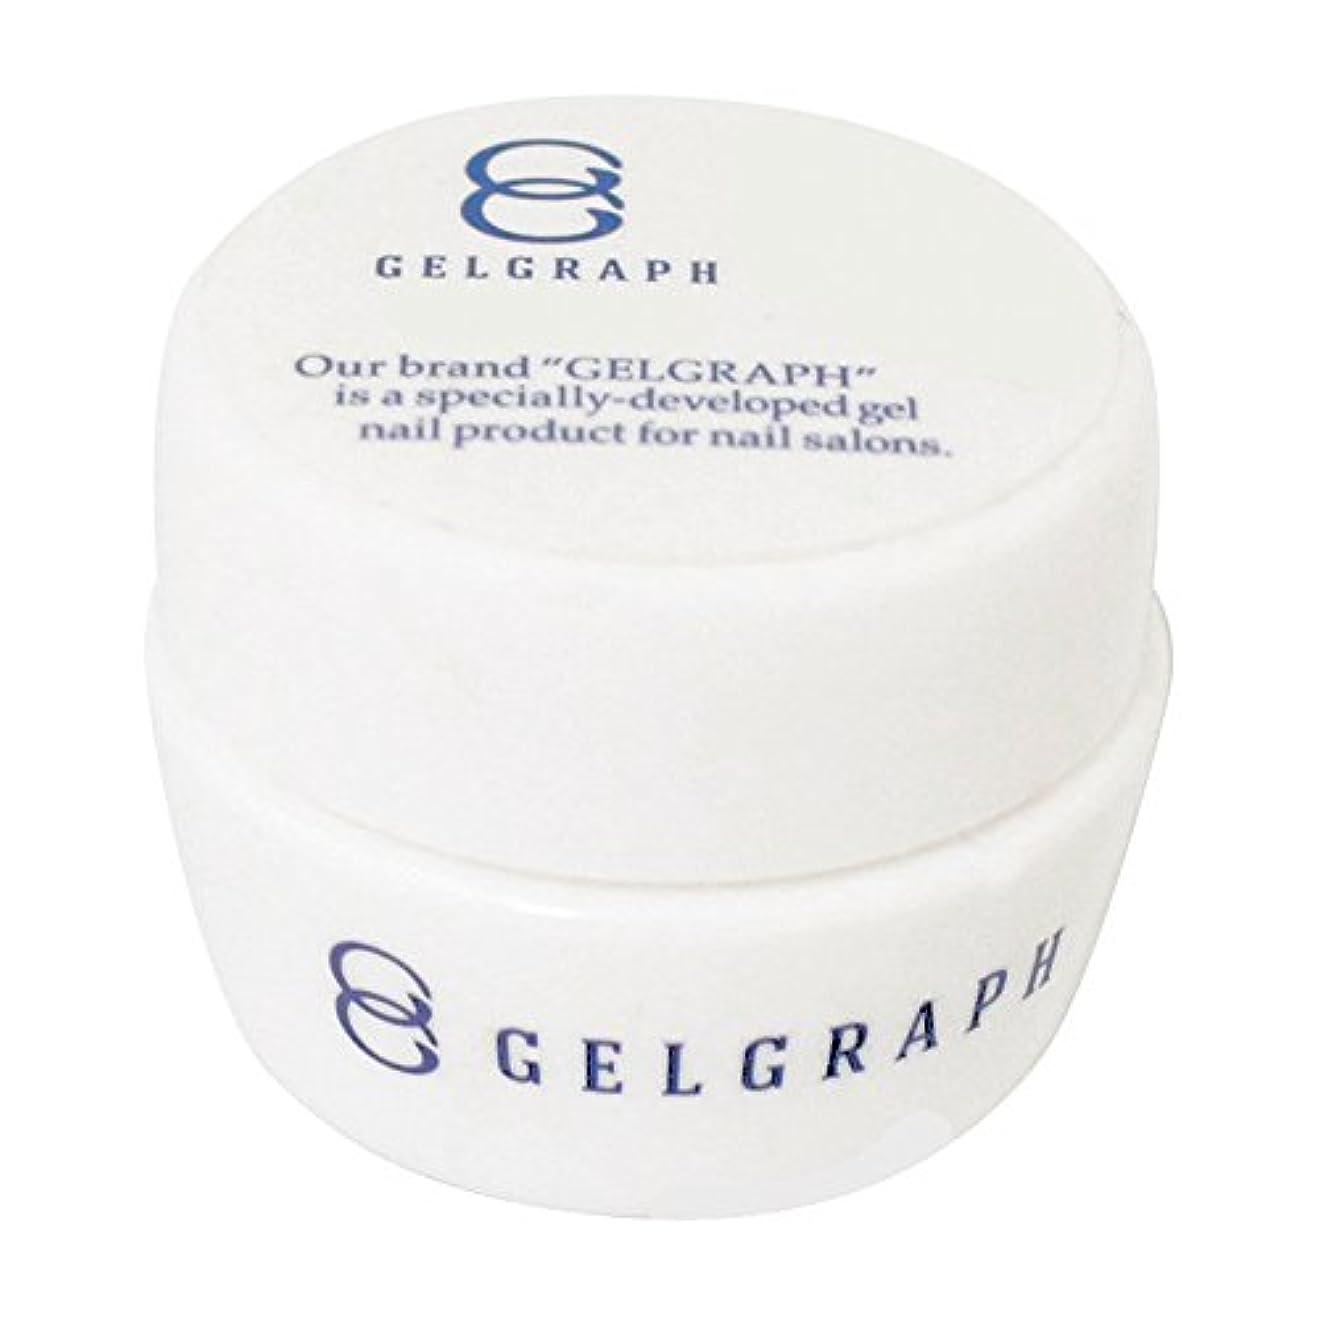 容器マカダム会計GELGRAPH カラージェル 150M ノワール ショコラ 5g UV/LED対応 ソークオフジェル